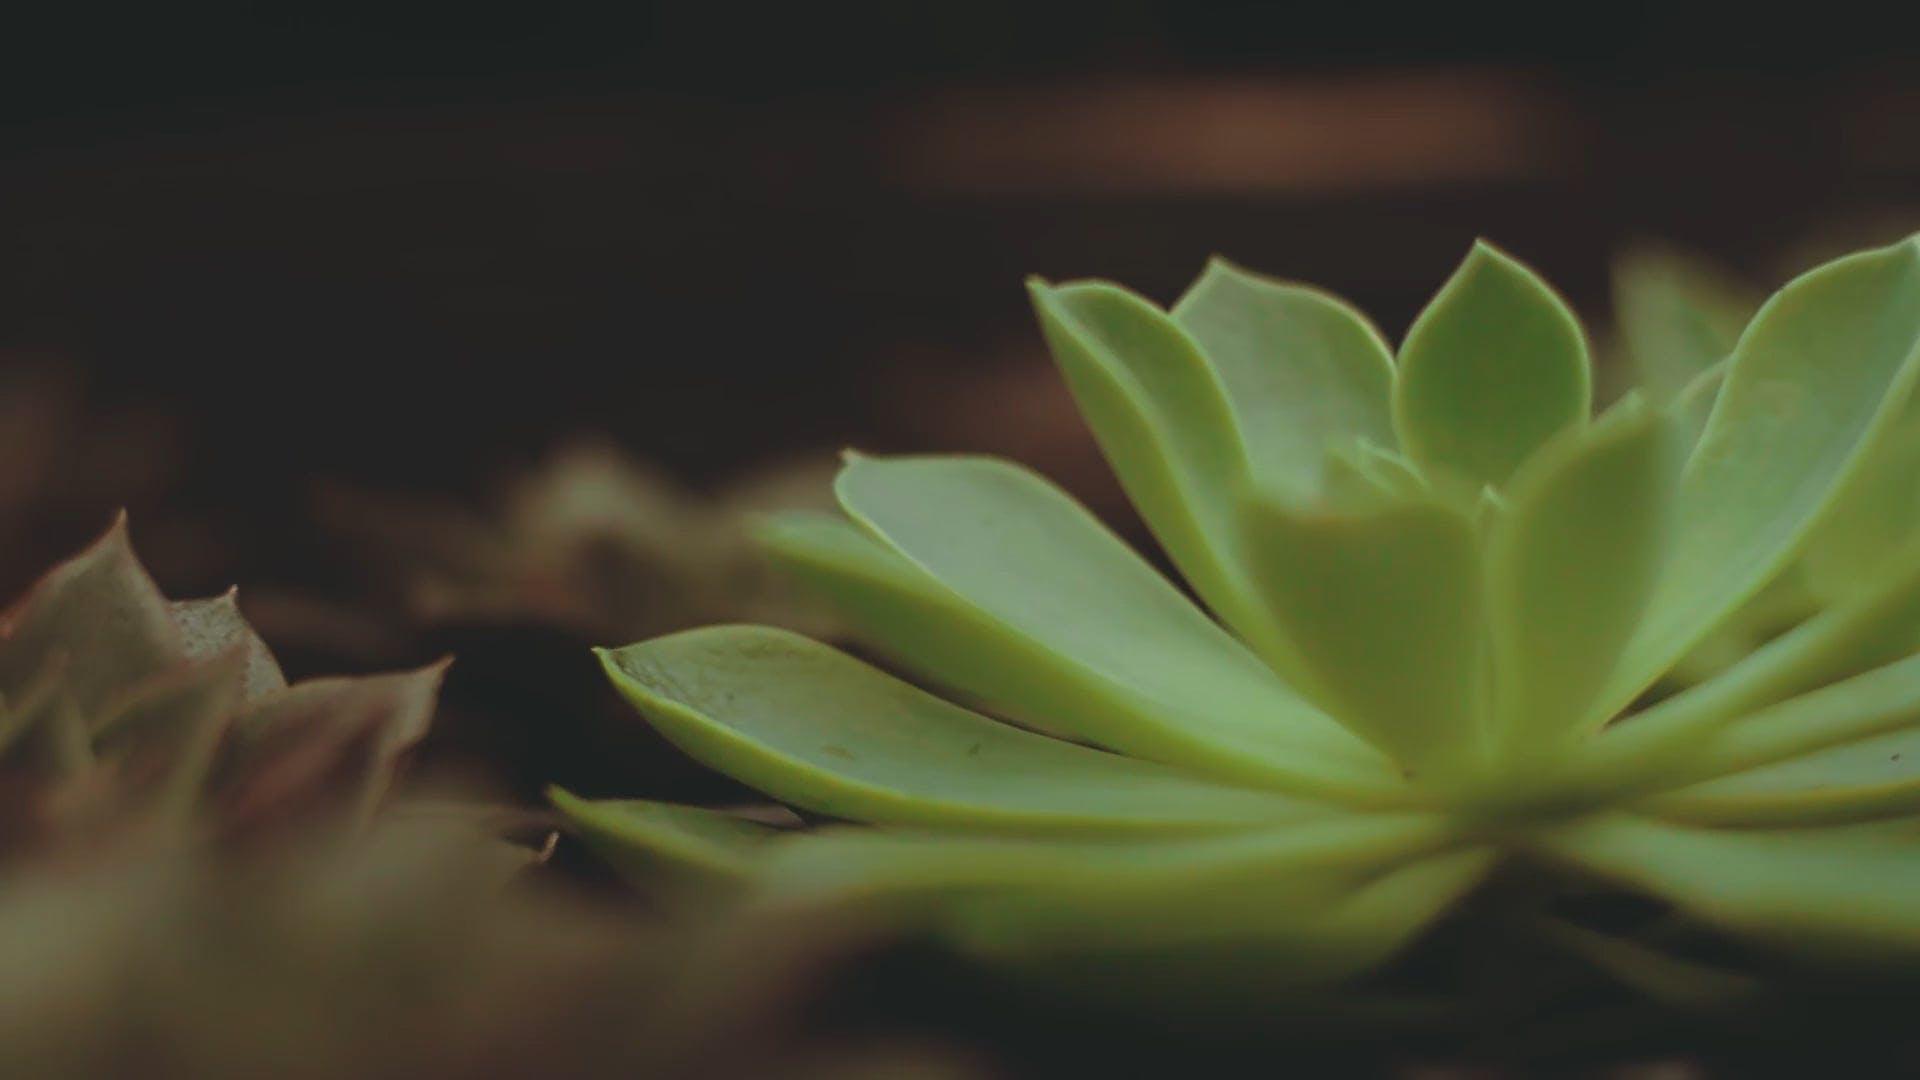 Close View Of Succulent Plants